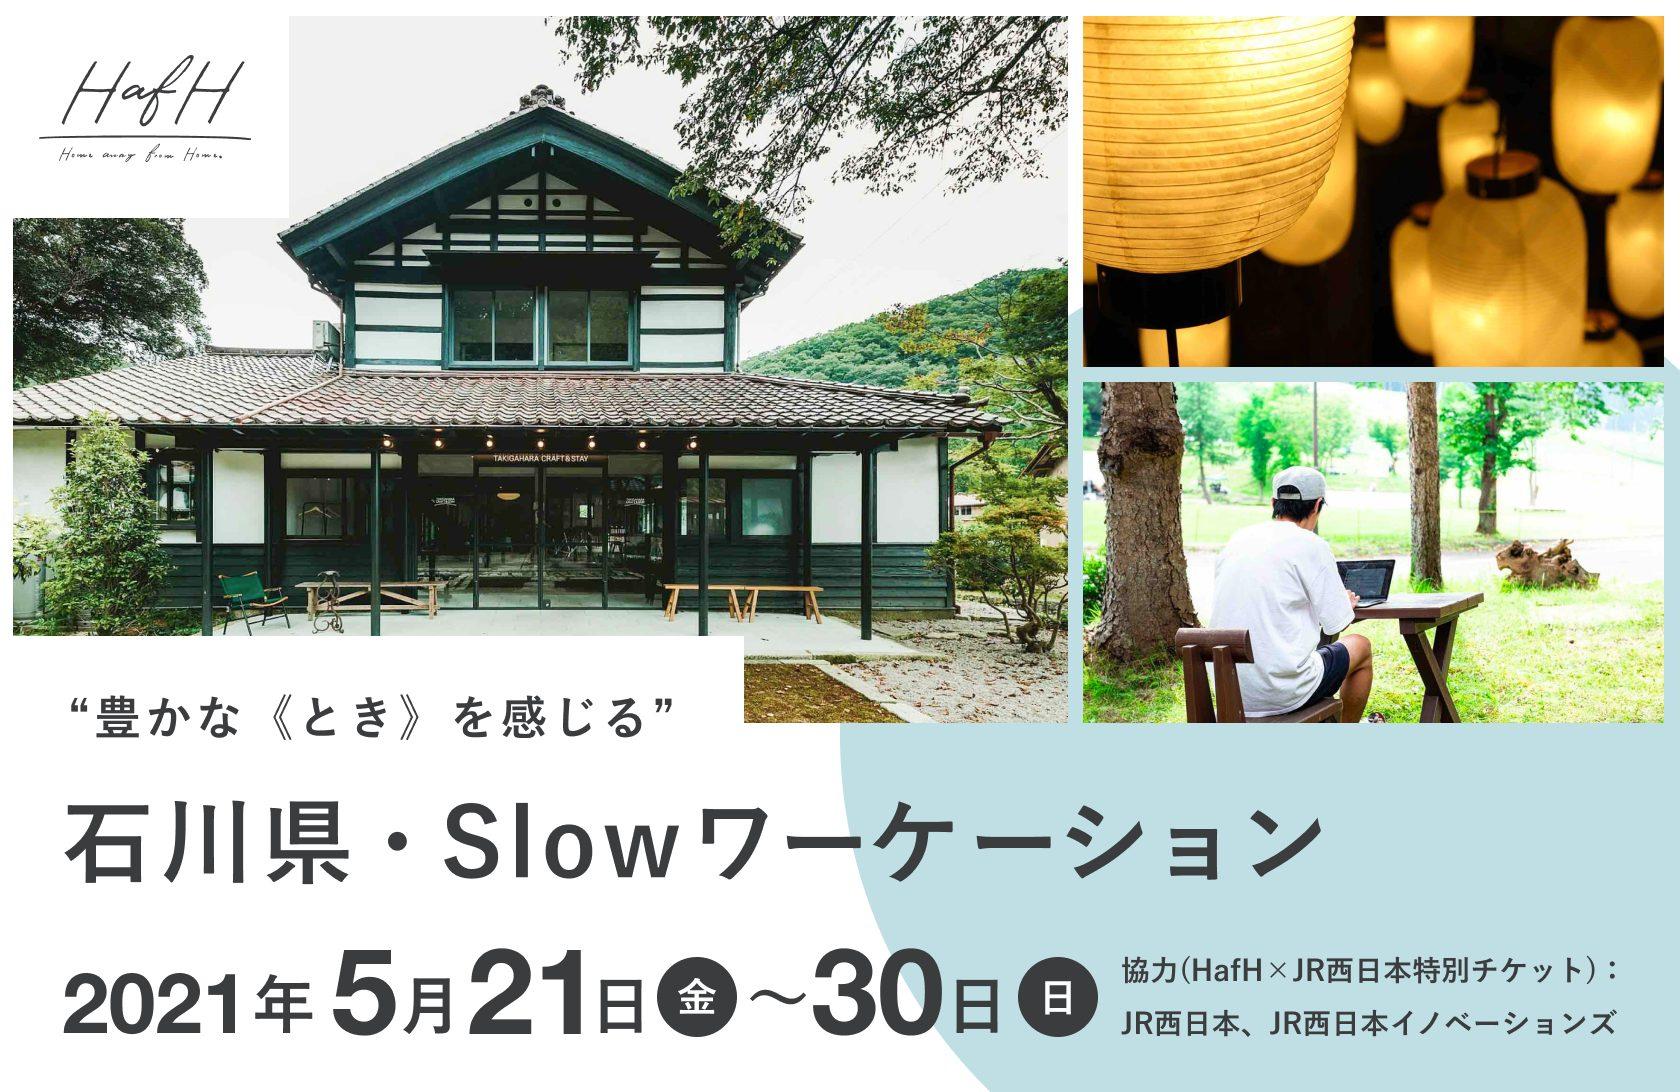 【イベント情報】石川県・Slowワーケーション開催のお知らせ(5/21〜30)